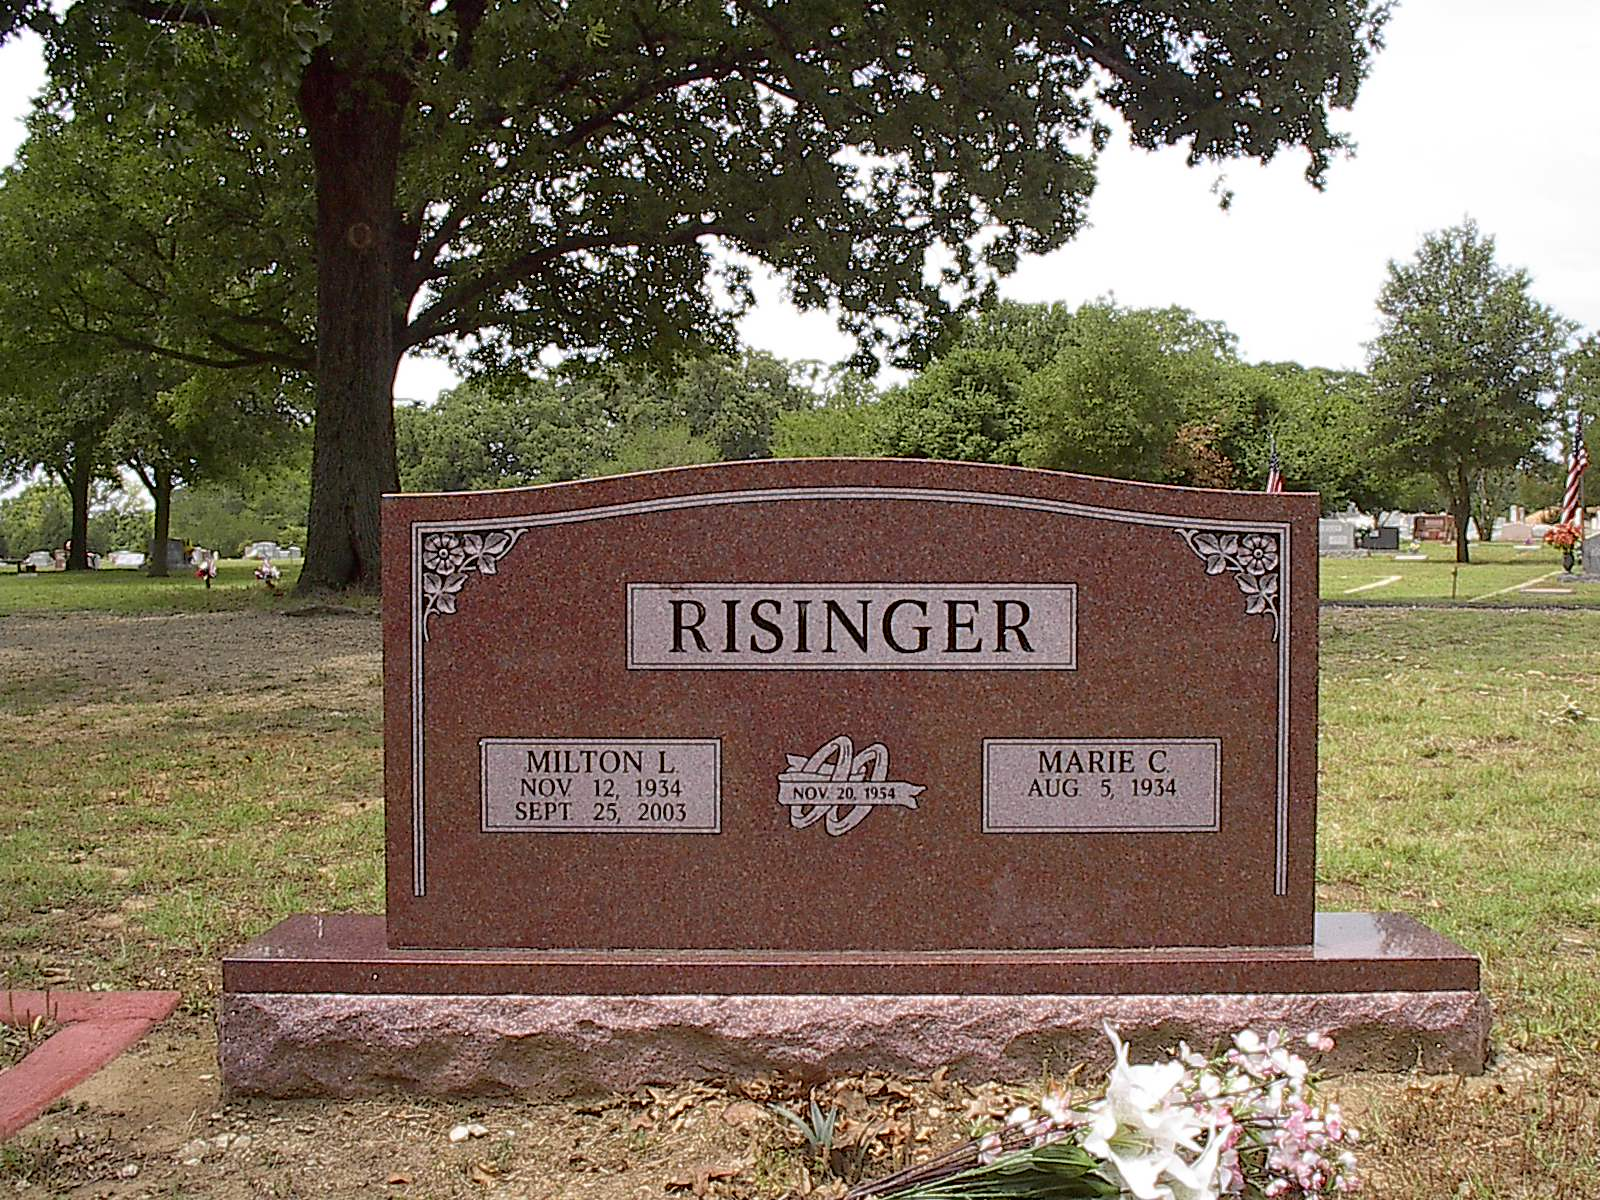 RISINGER